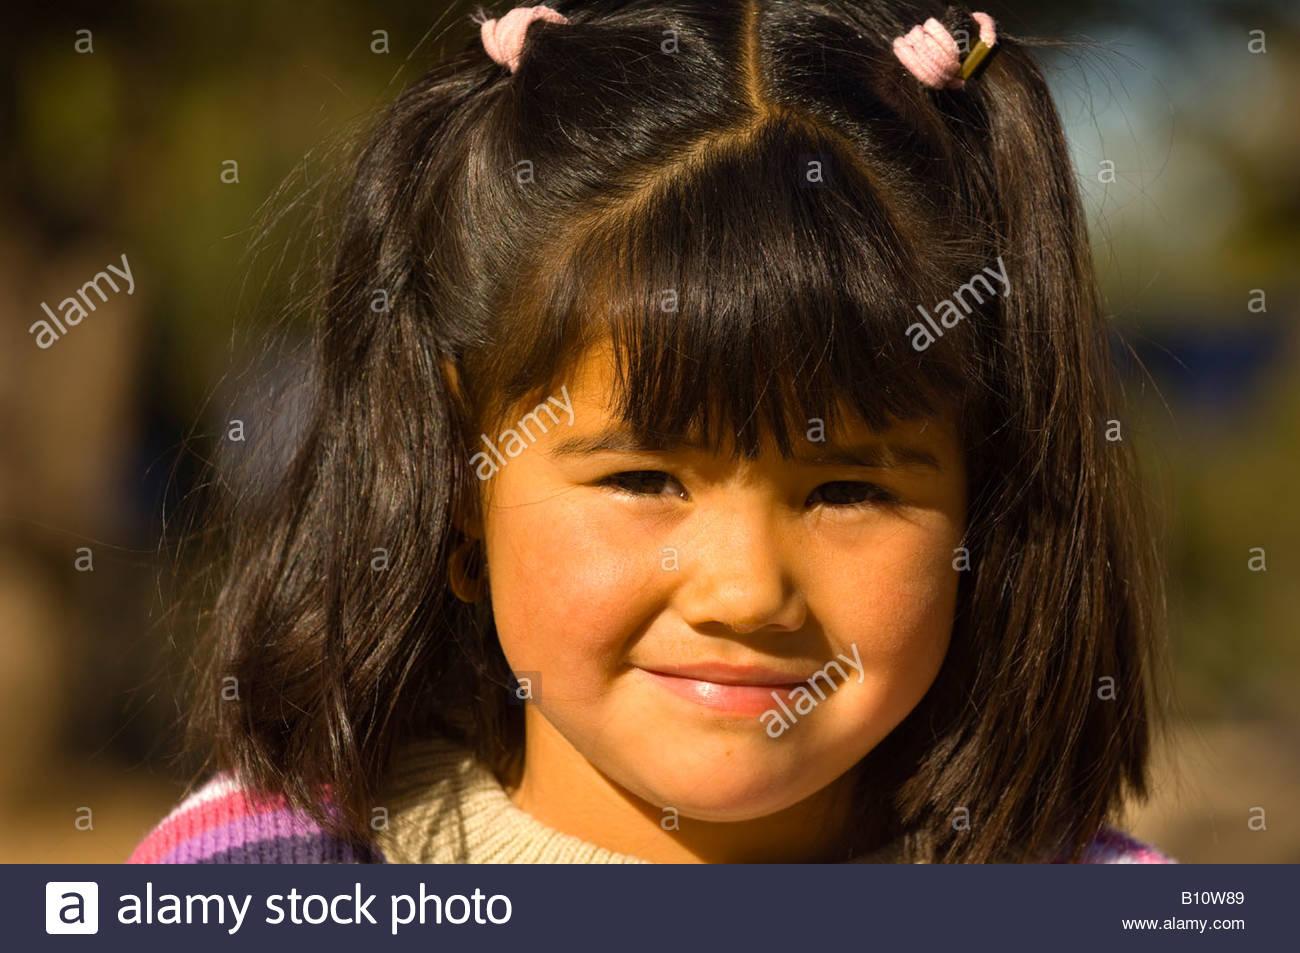 Girl Porochi Lodge Urique Canyon Copper Canyon Mexico - Stock Image